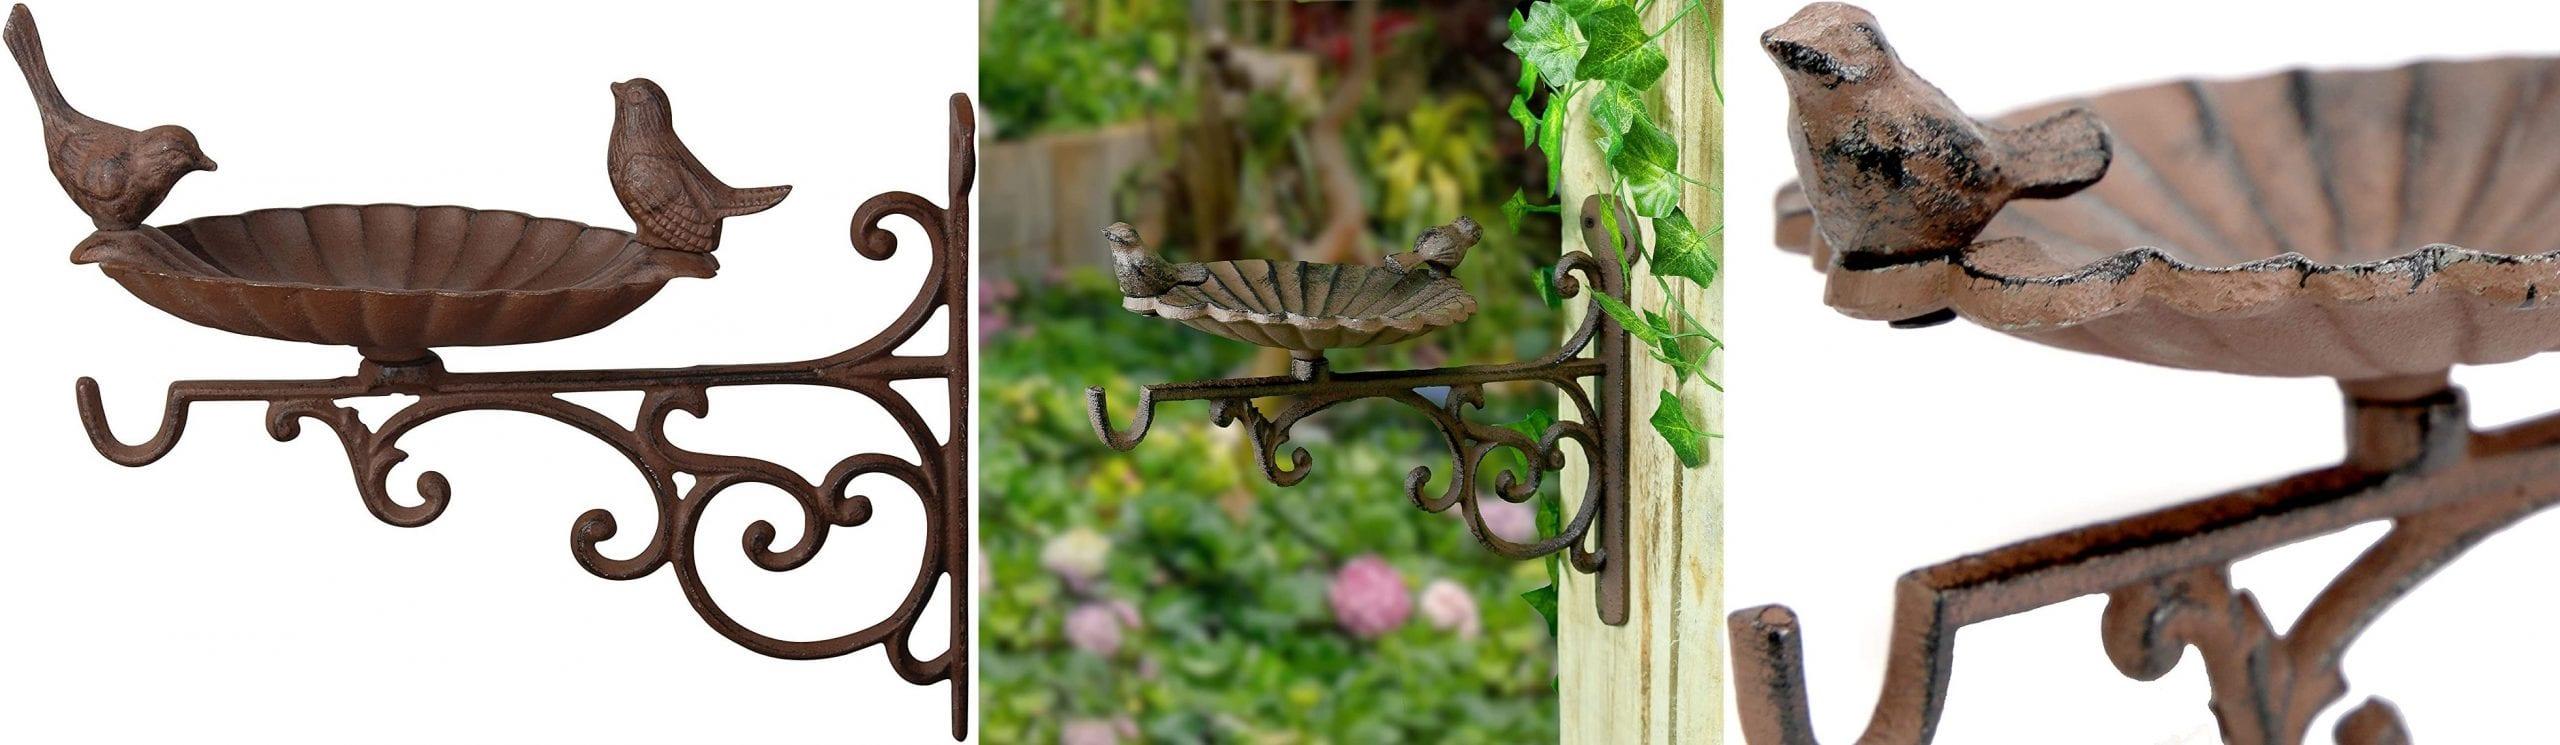 Hanging basket bracket made from iron